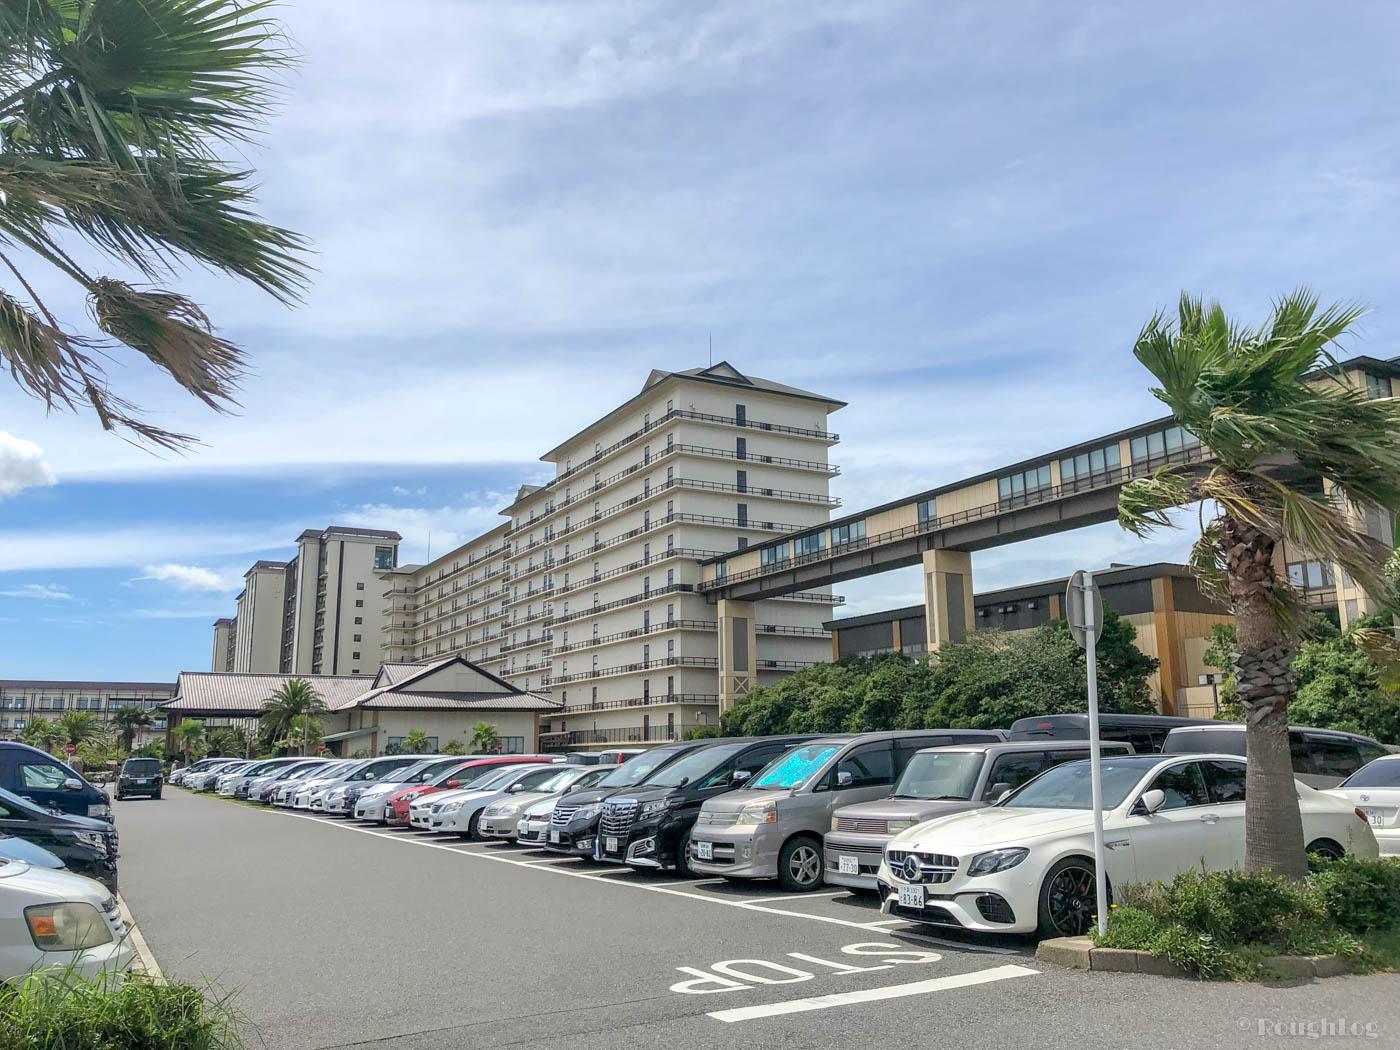 龍宮城スパホテル三日月の富士見亭と龍宮亭